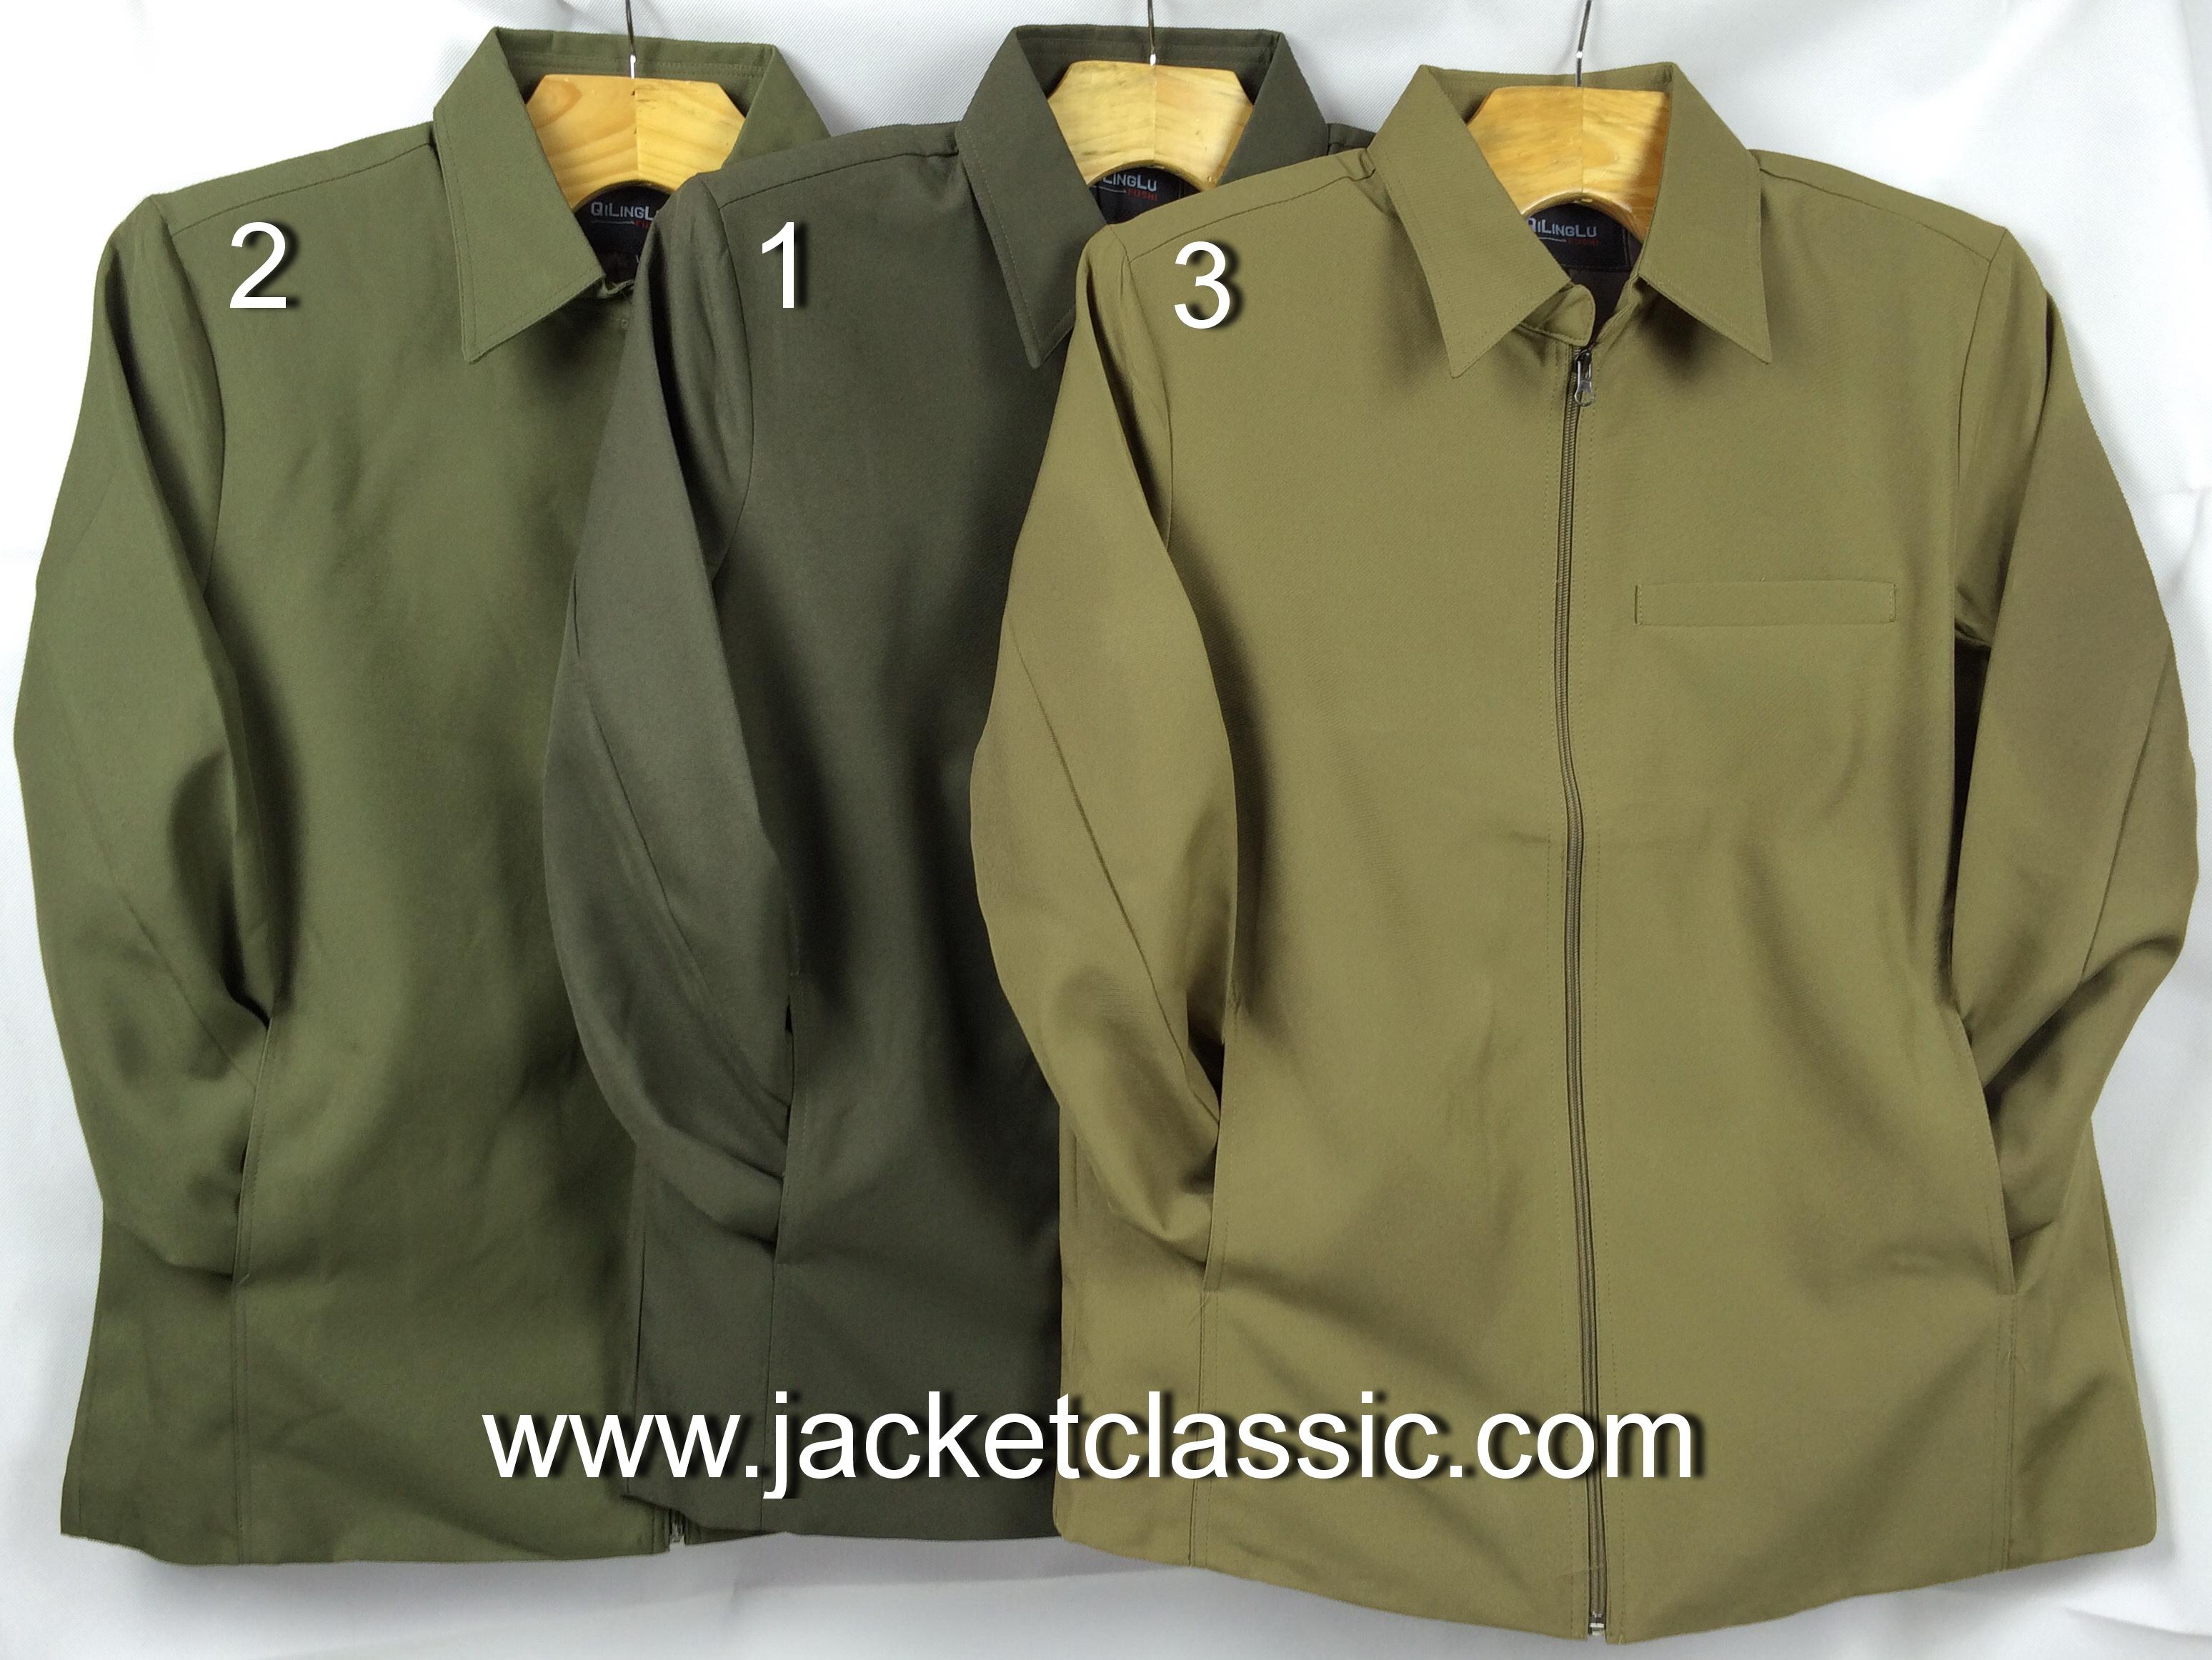 ร้าน jacketclassic.com